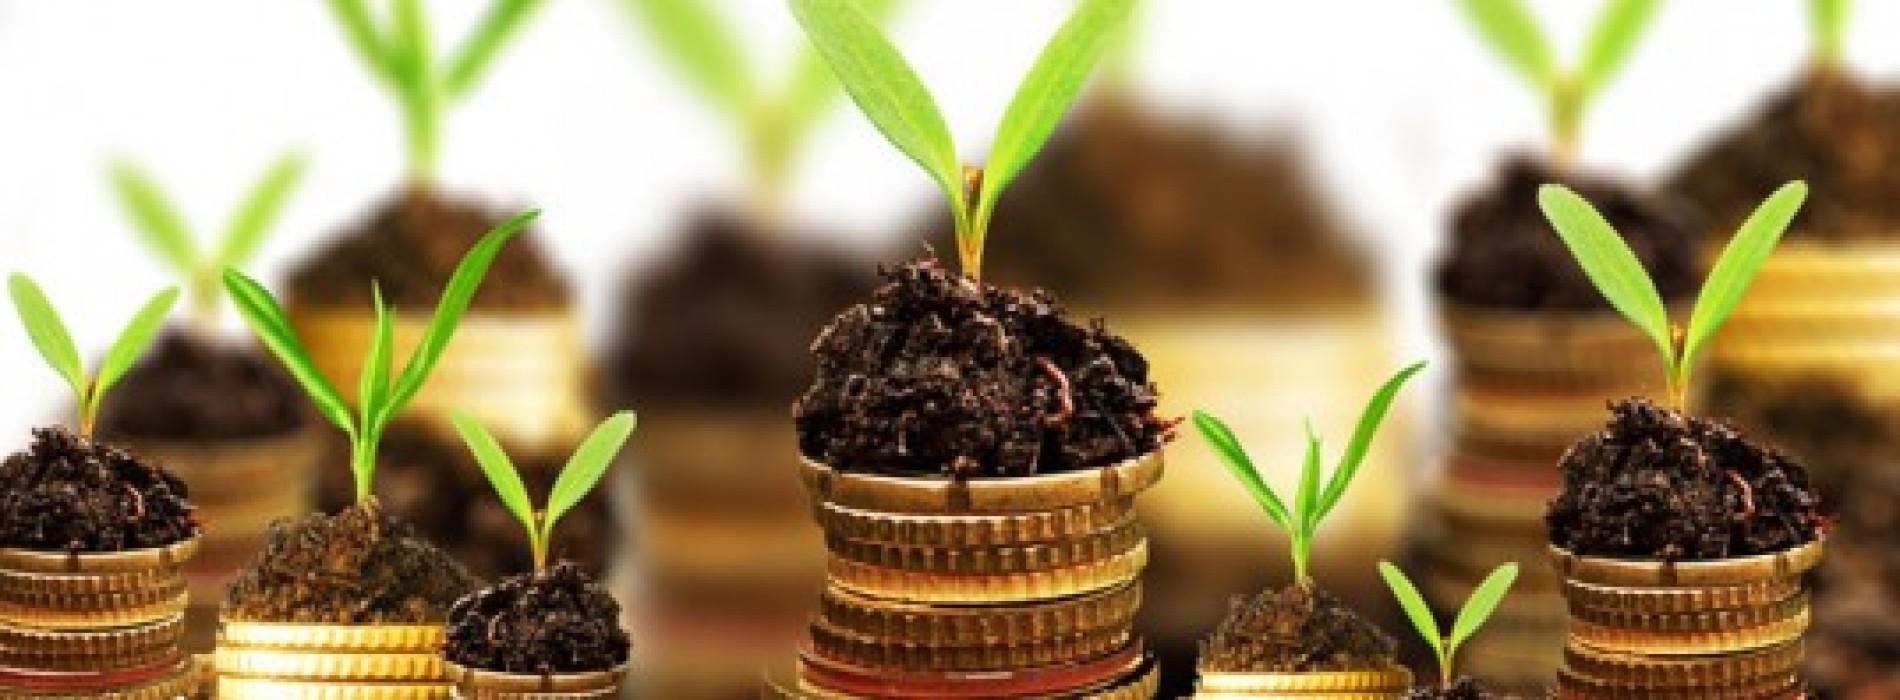 Bezpieczeństwo czy zysk? 5 pytań, na które warto znać odpowiedź przed zainwestowaniem w fundusze